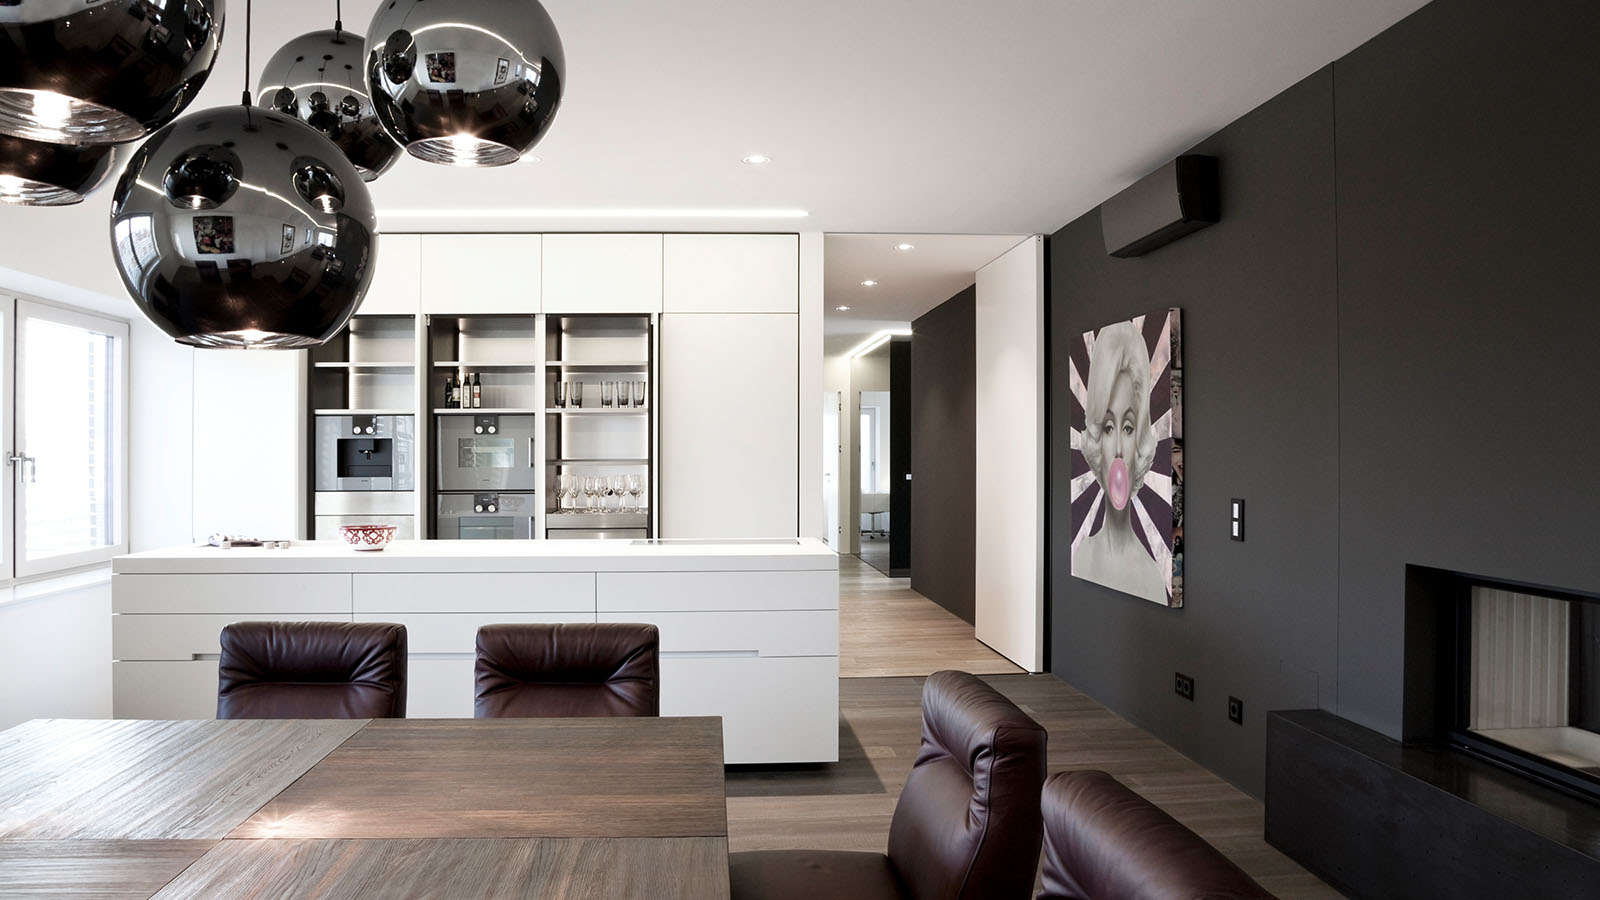 Outdoor Küche Steininger : Steininger designers architektur interior design küchen streifzug